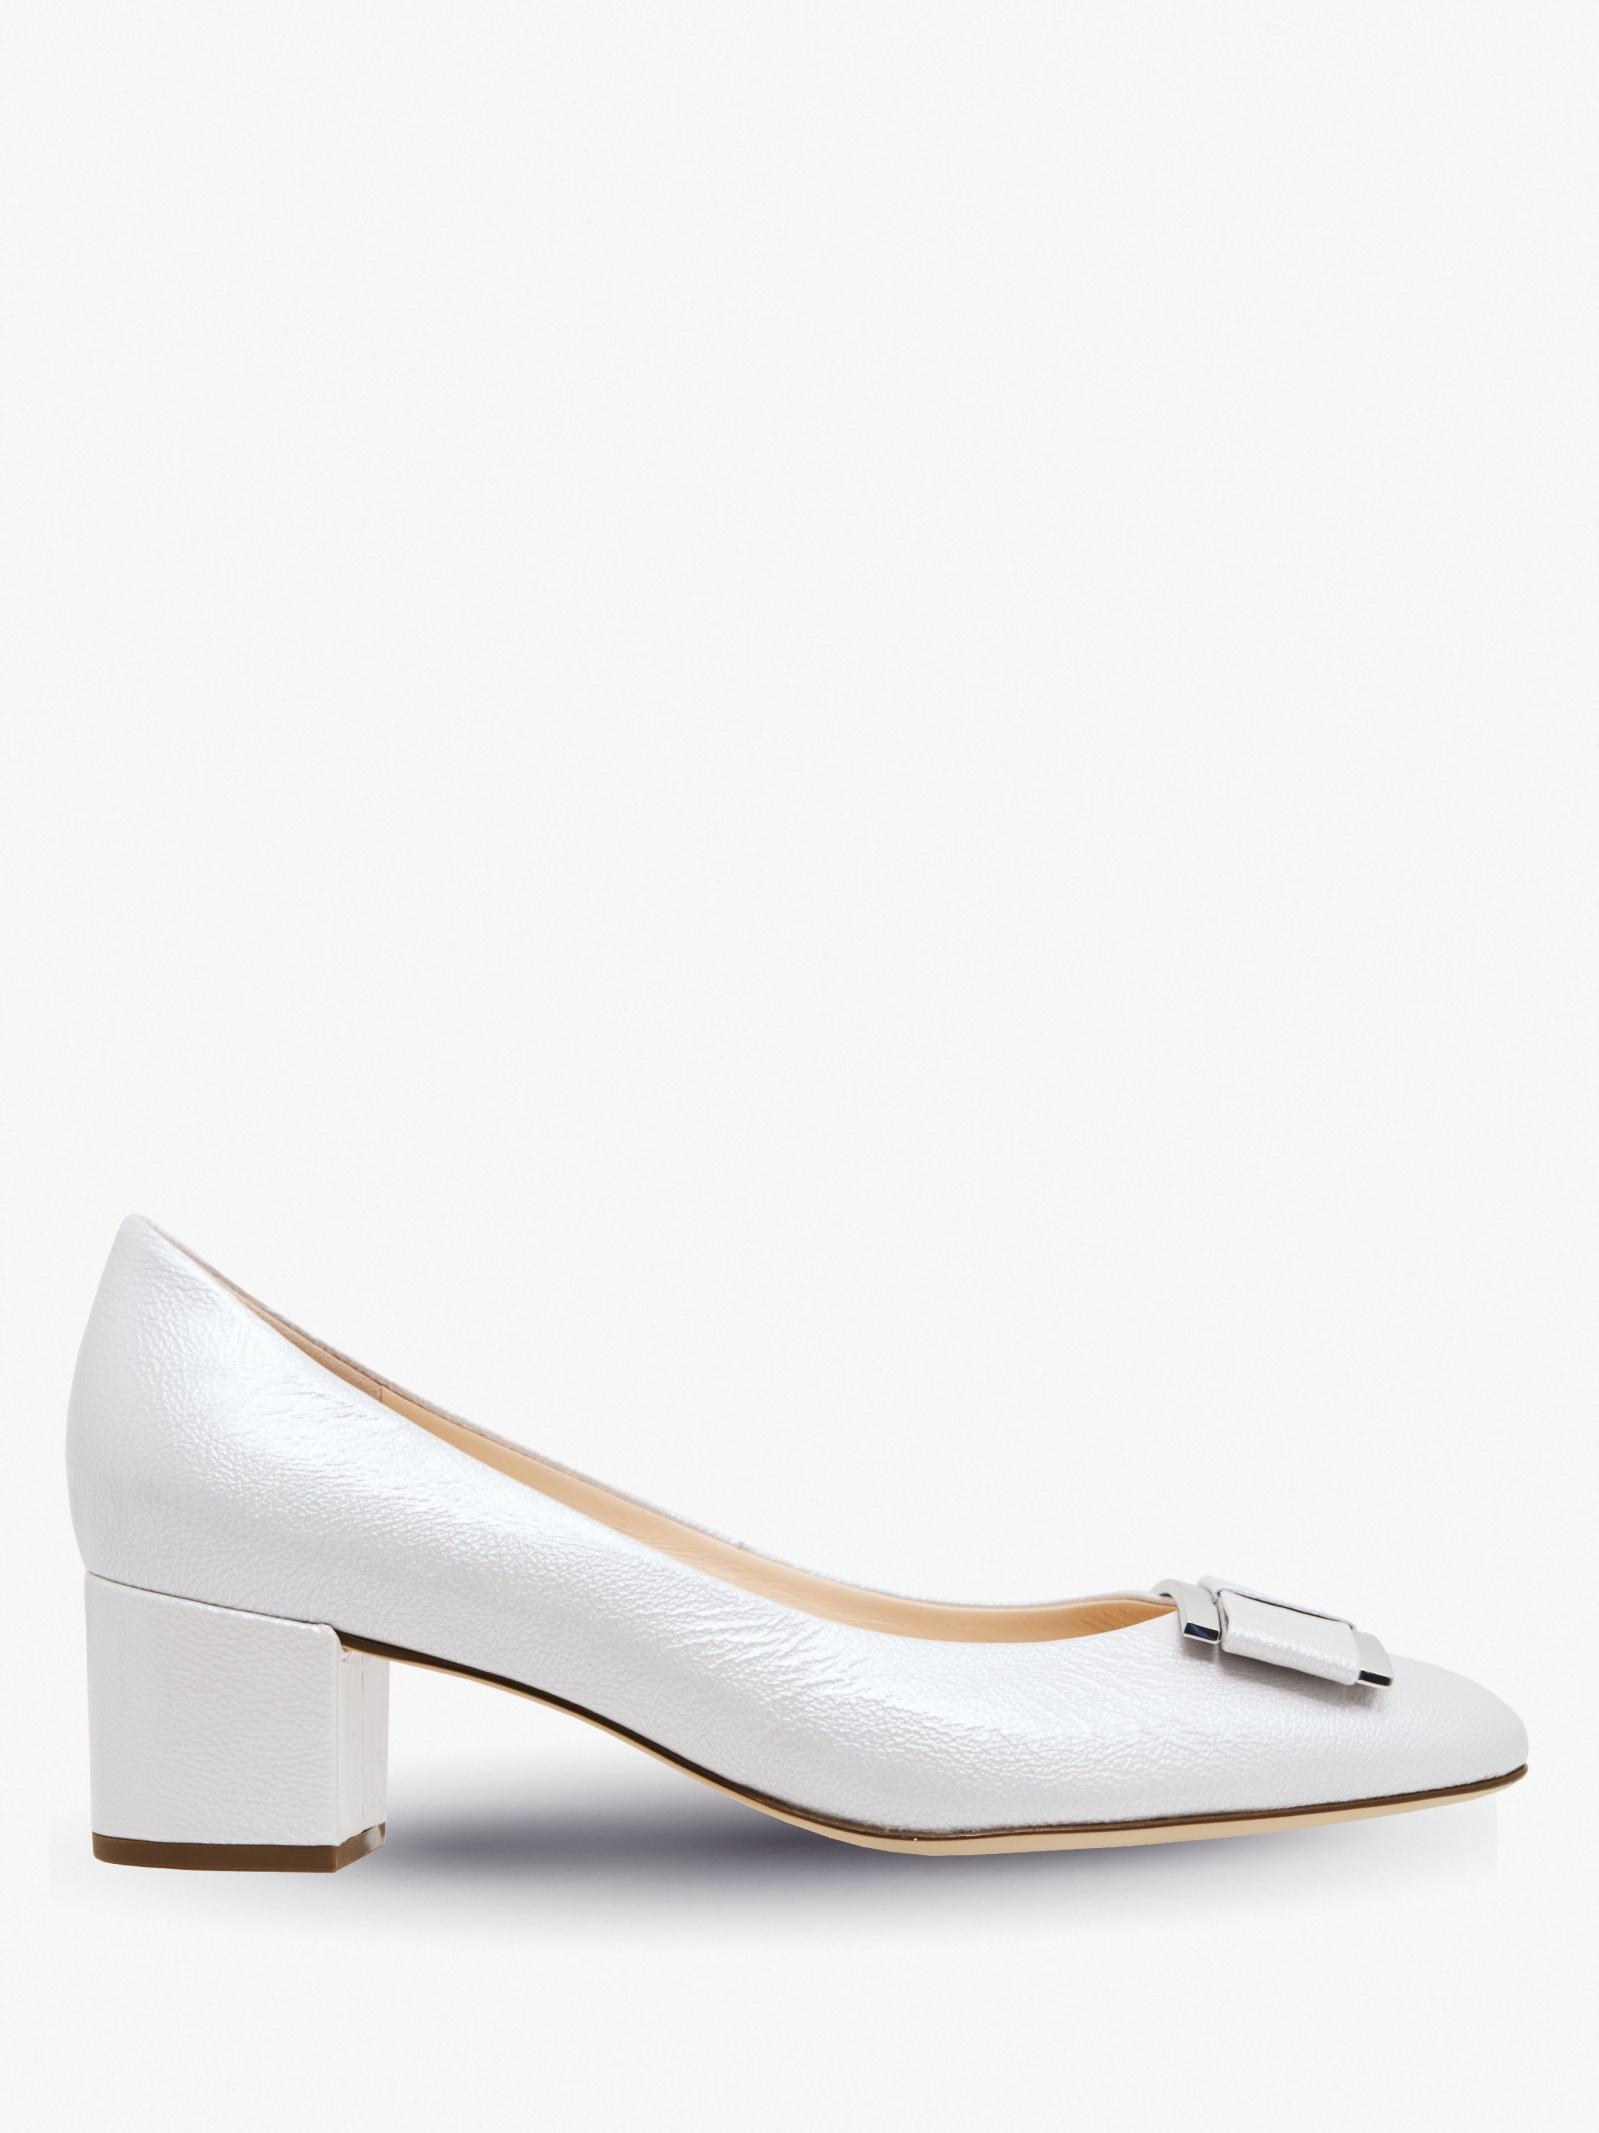 Туфли женские Hogl FINESSE YN4026 размерная сетка обуви, 2017